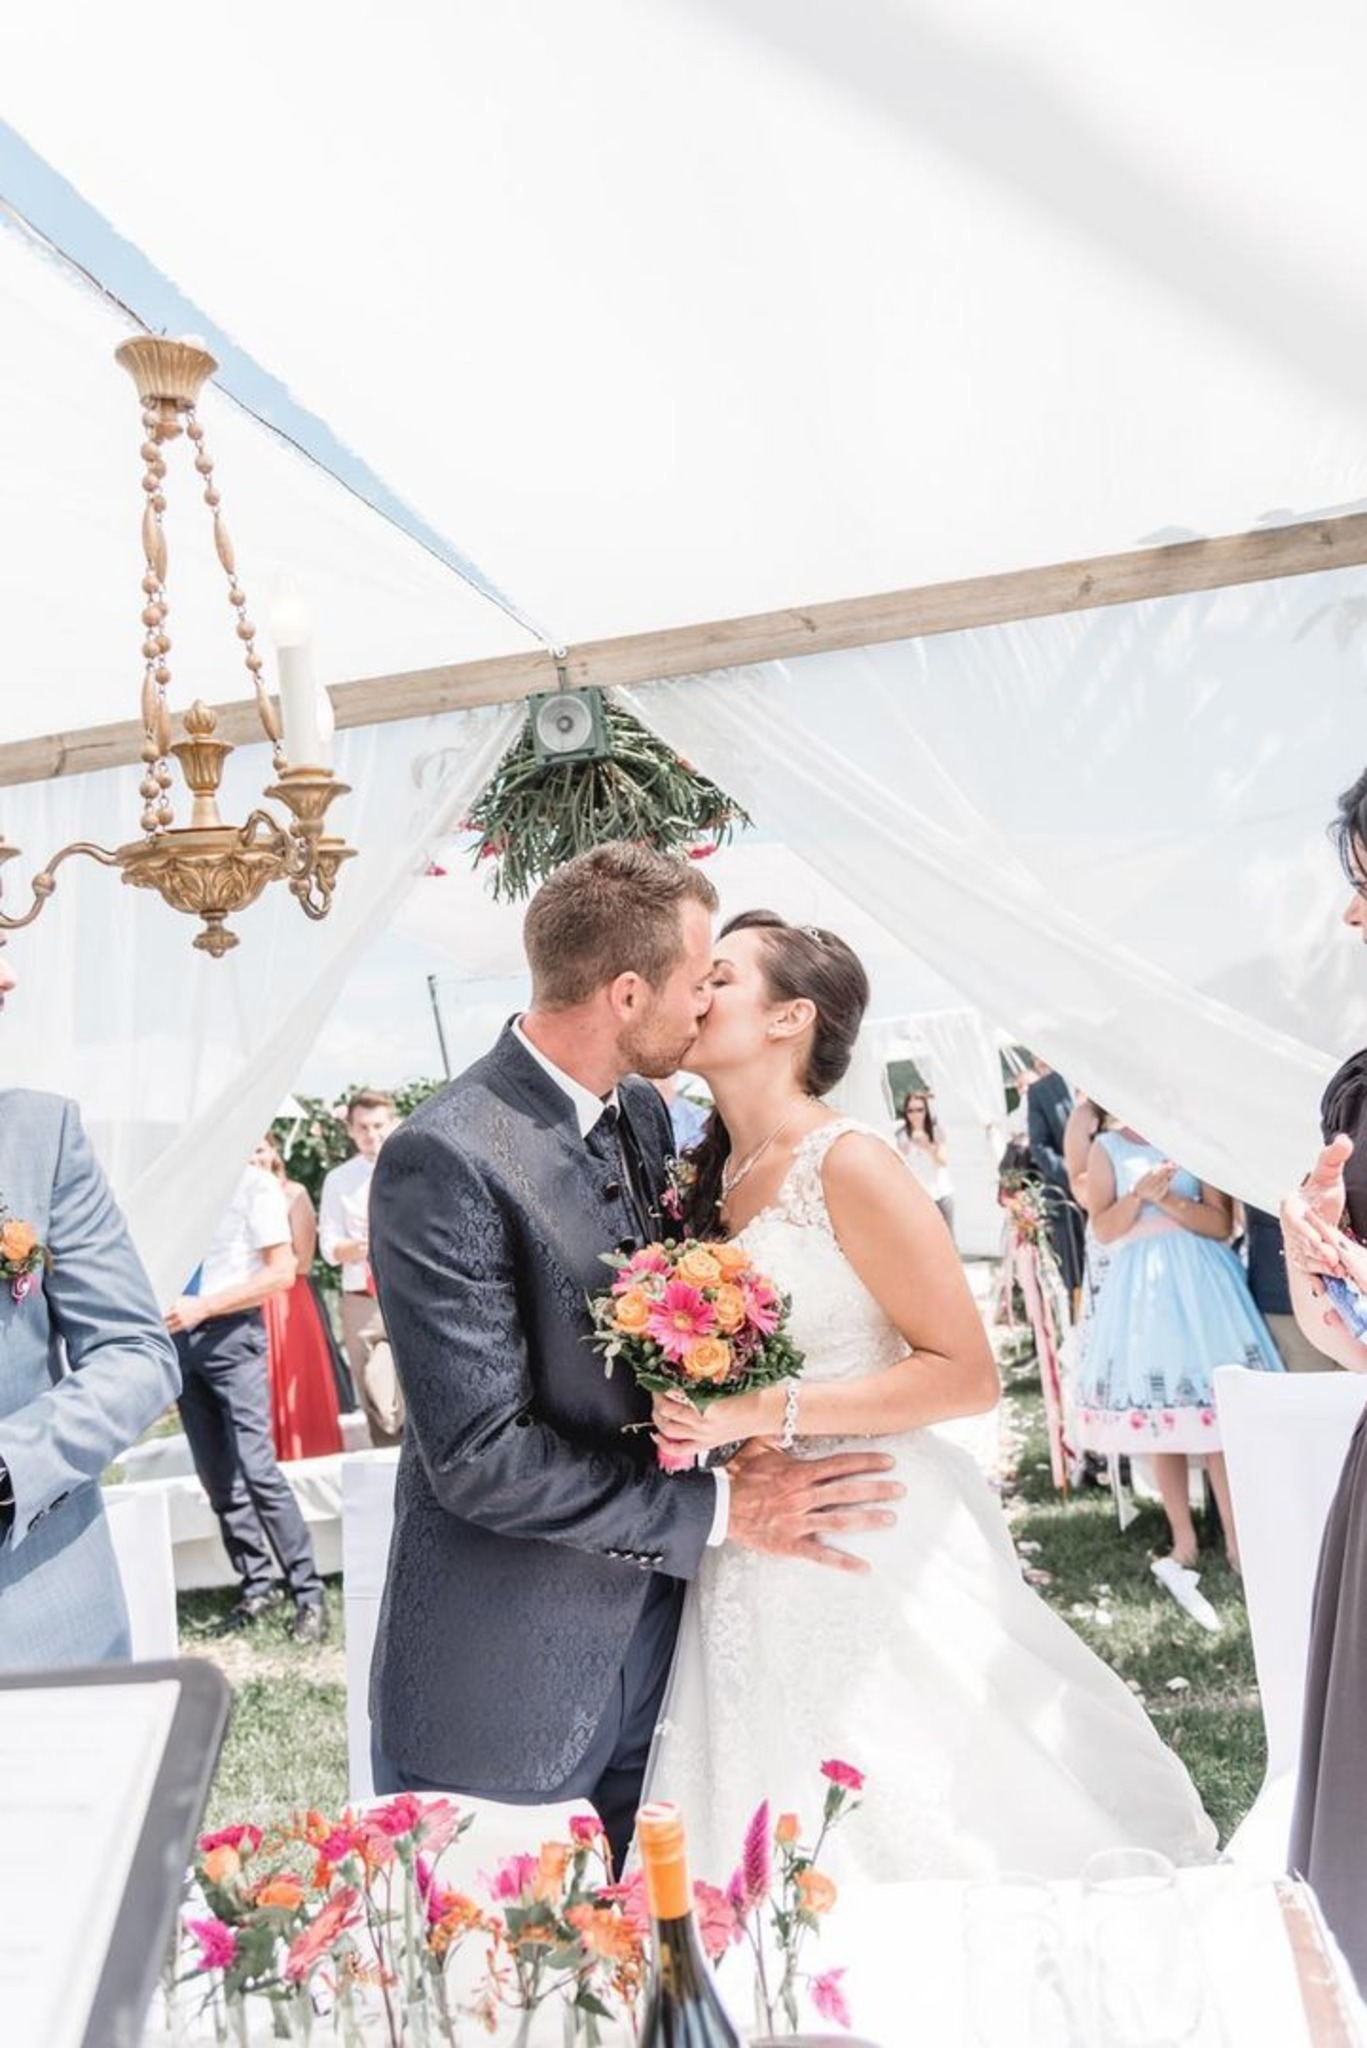 Brautpaar Der Woche Romantische Hochzeit Im Familienkreis Leibnitz